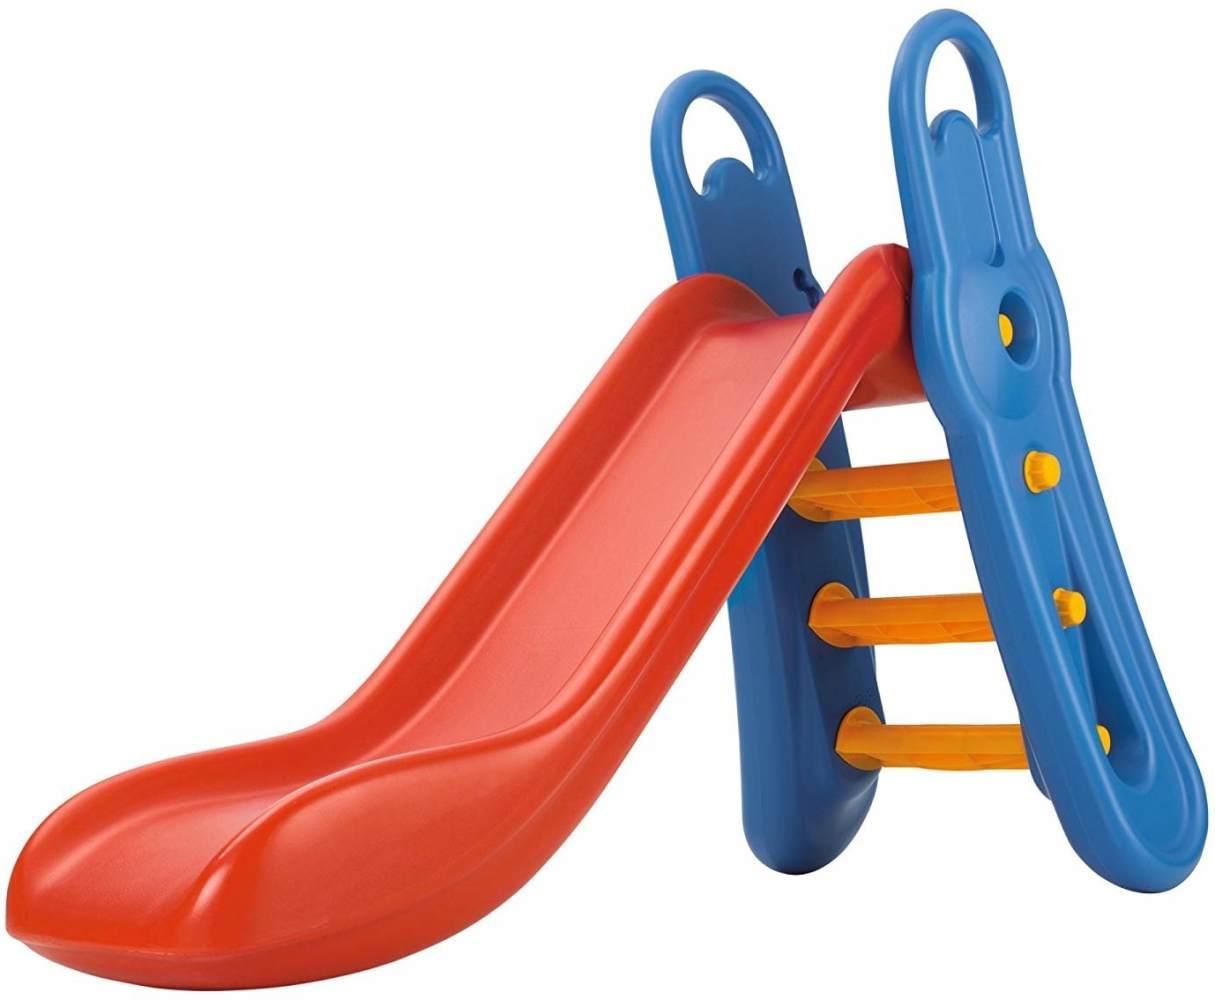 Big 'Fun-Slide' Rutsche, rot/blau, 164 x 73 x 116 cm, ab 3 Jahren, höhenverstellbar, zusammenklappbar Bild 1